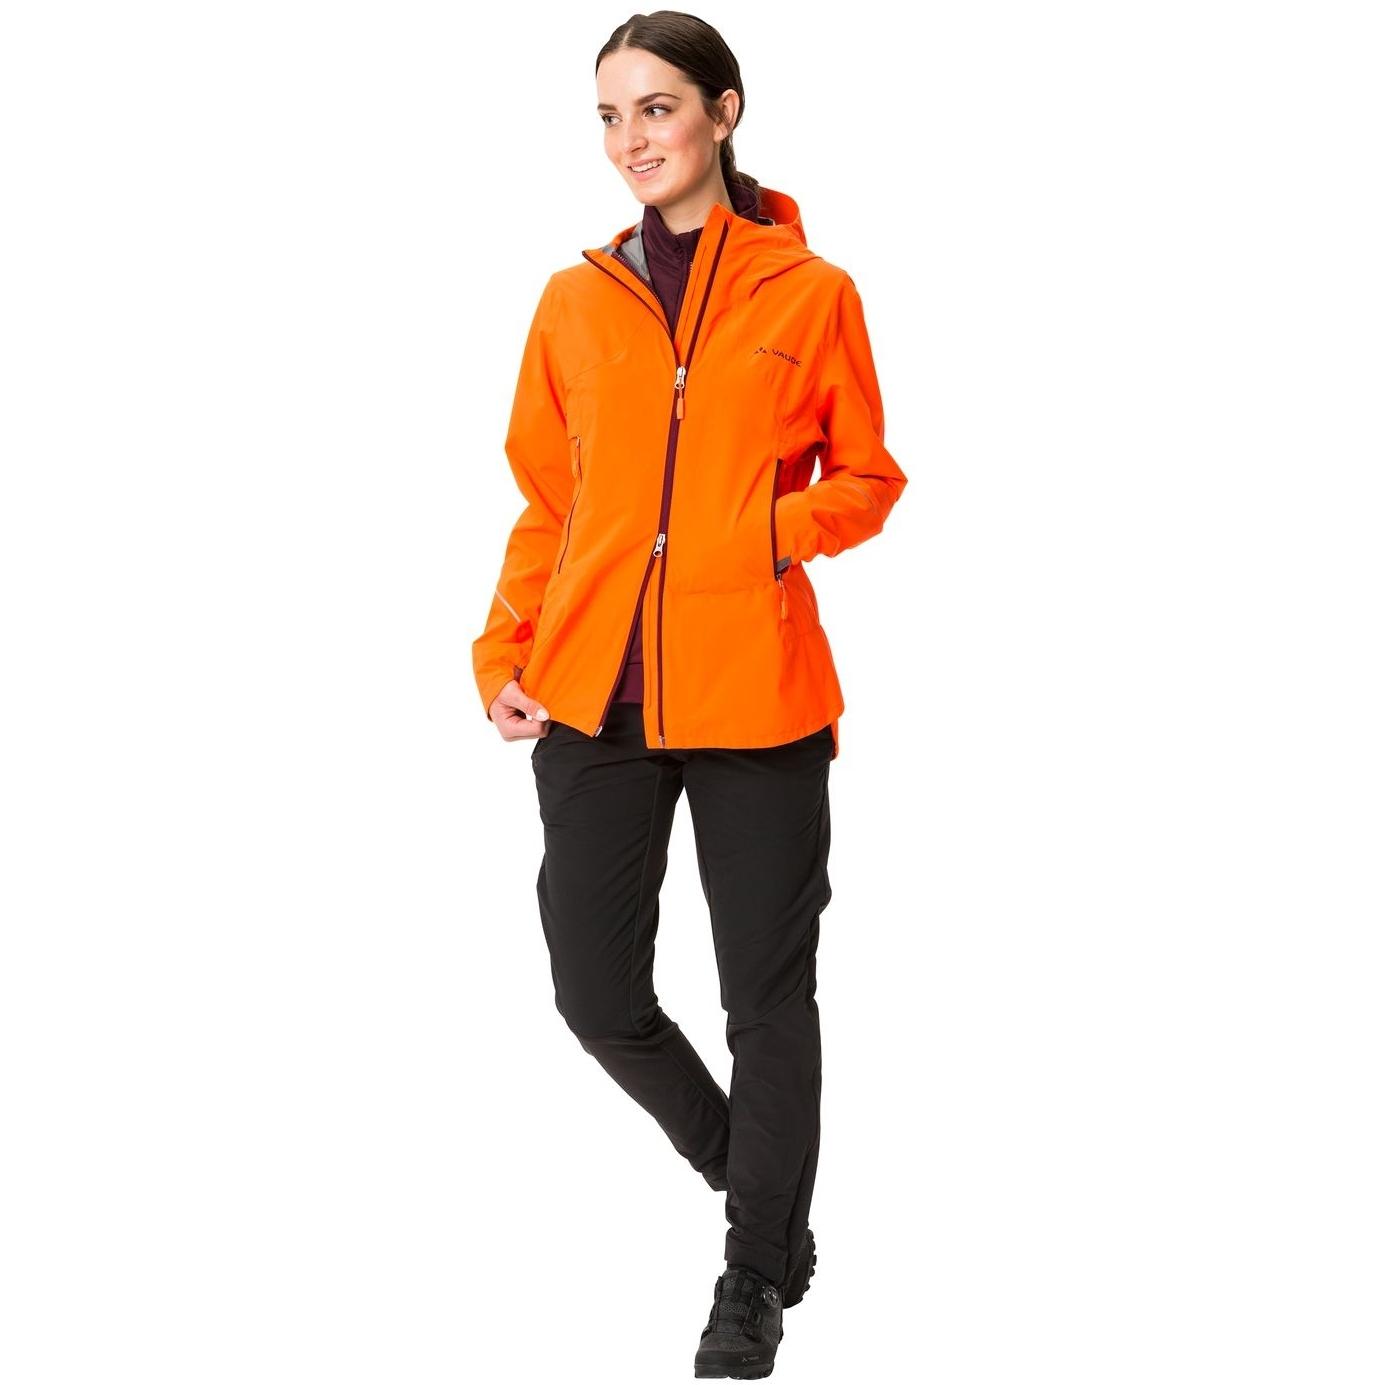 Bild von Vaude Yaras 3in1 Damenjacke - neon orange